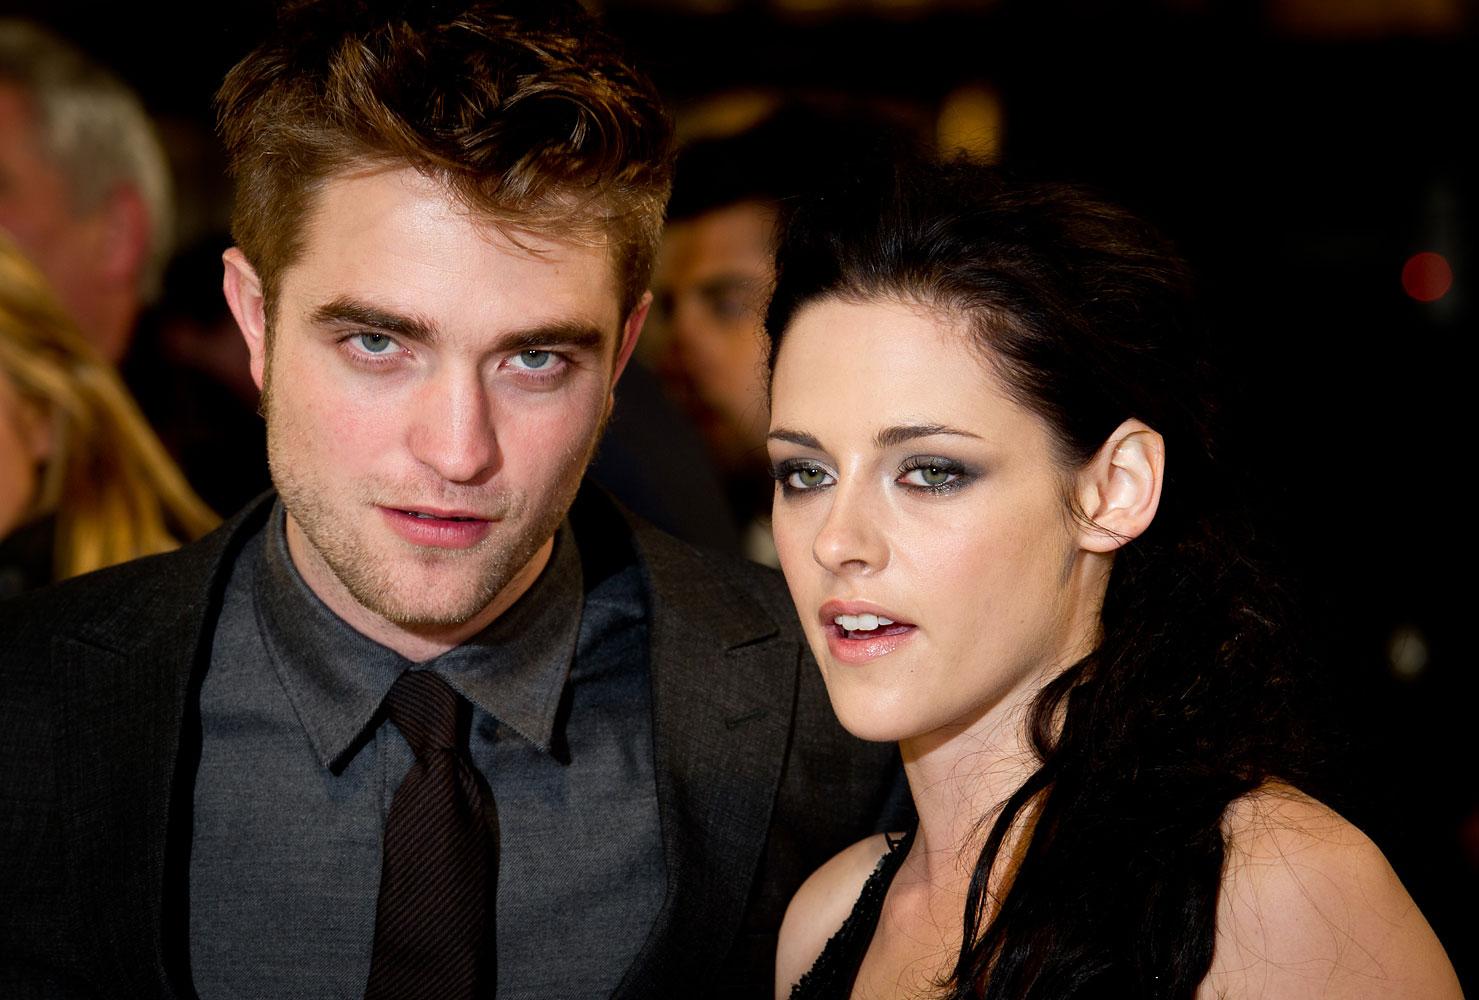 Robert Pattinson, Kristen Stewart attend the UK premiere of The Twilight Saga: Breaking Dawn Part 1 at Westfield Stratford City on Nov. 16, 2011 in London.